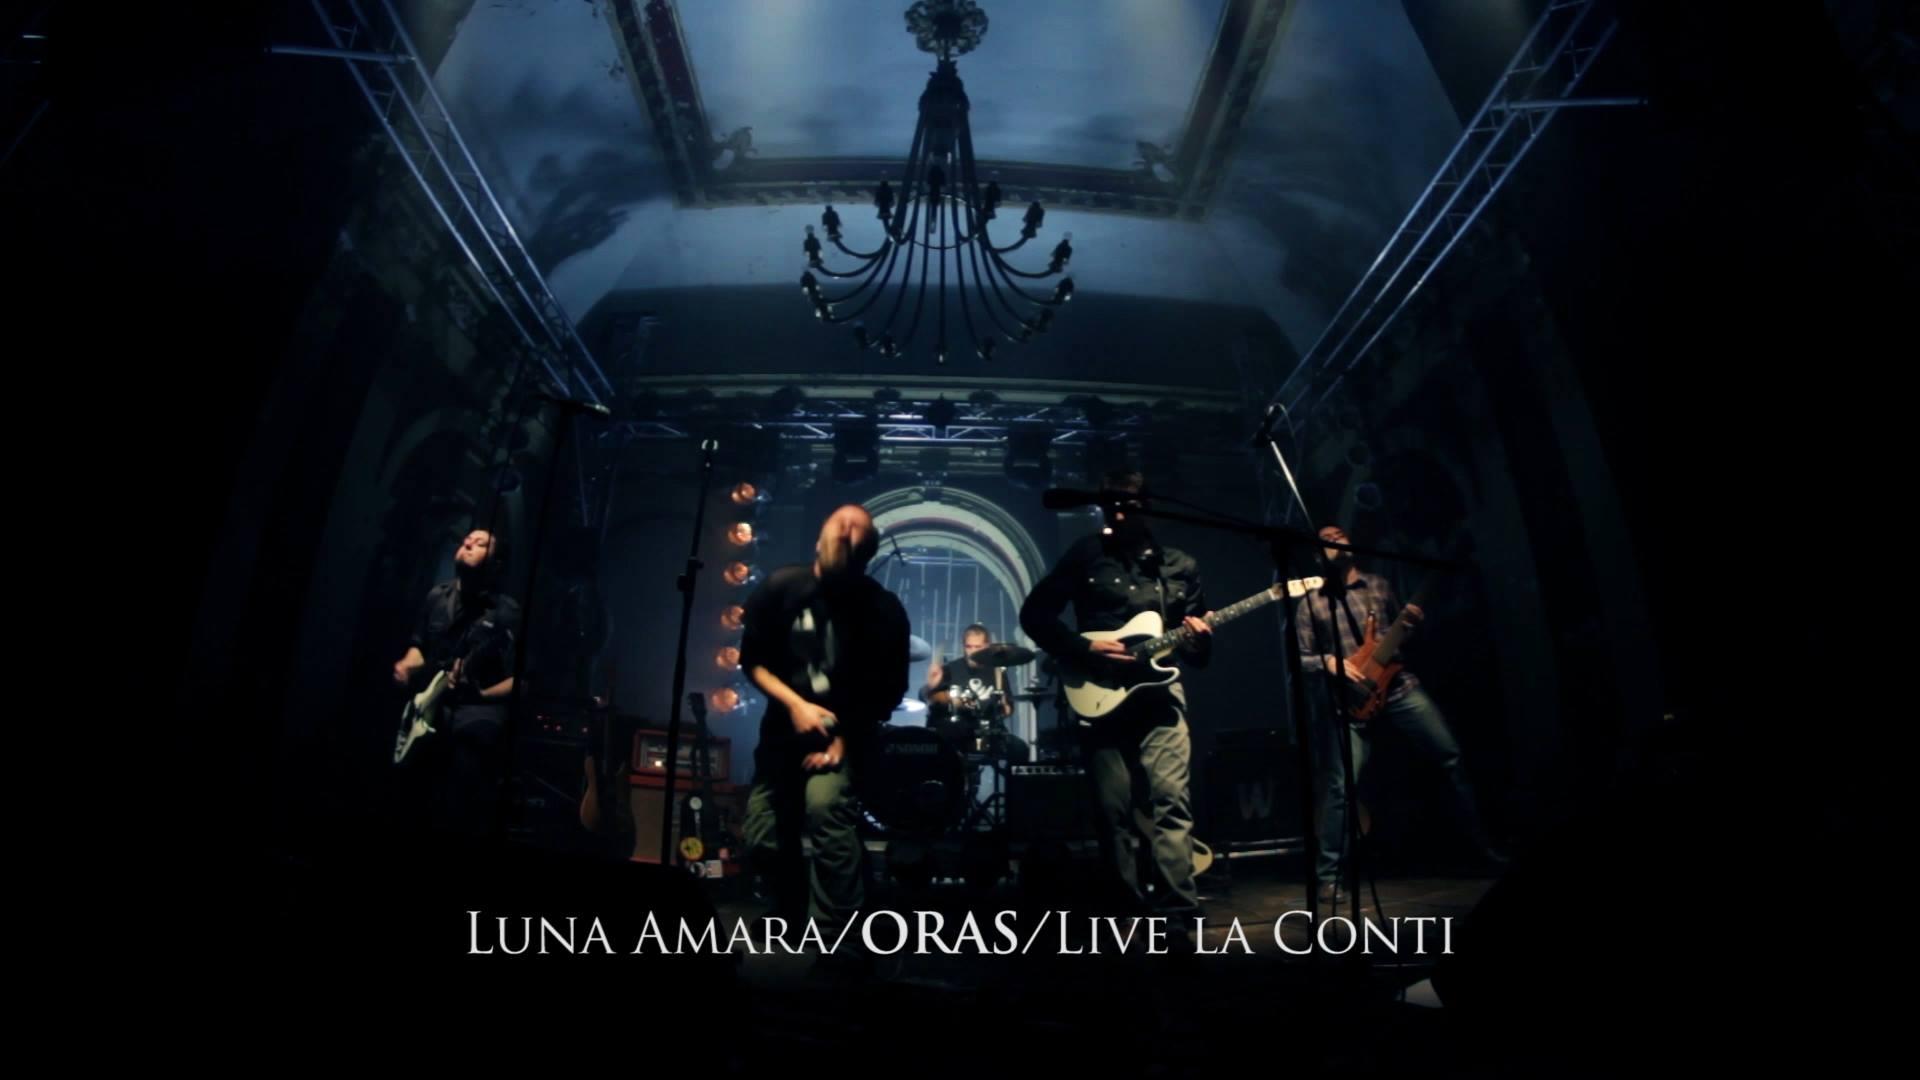 images_articles_Luna Amara_Oras